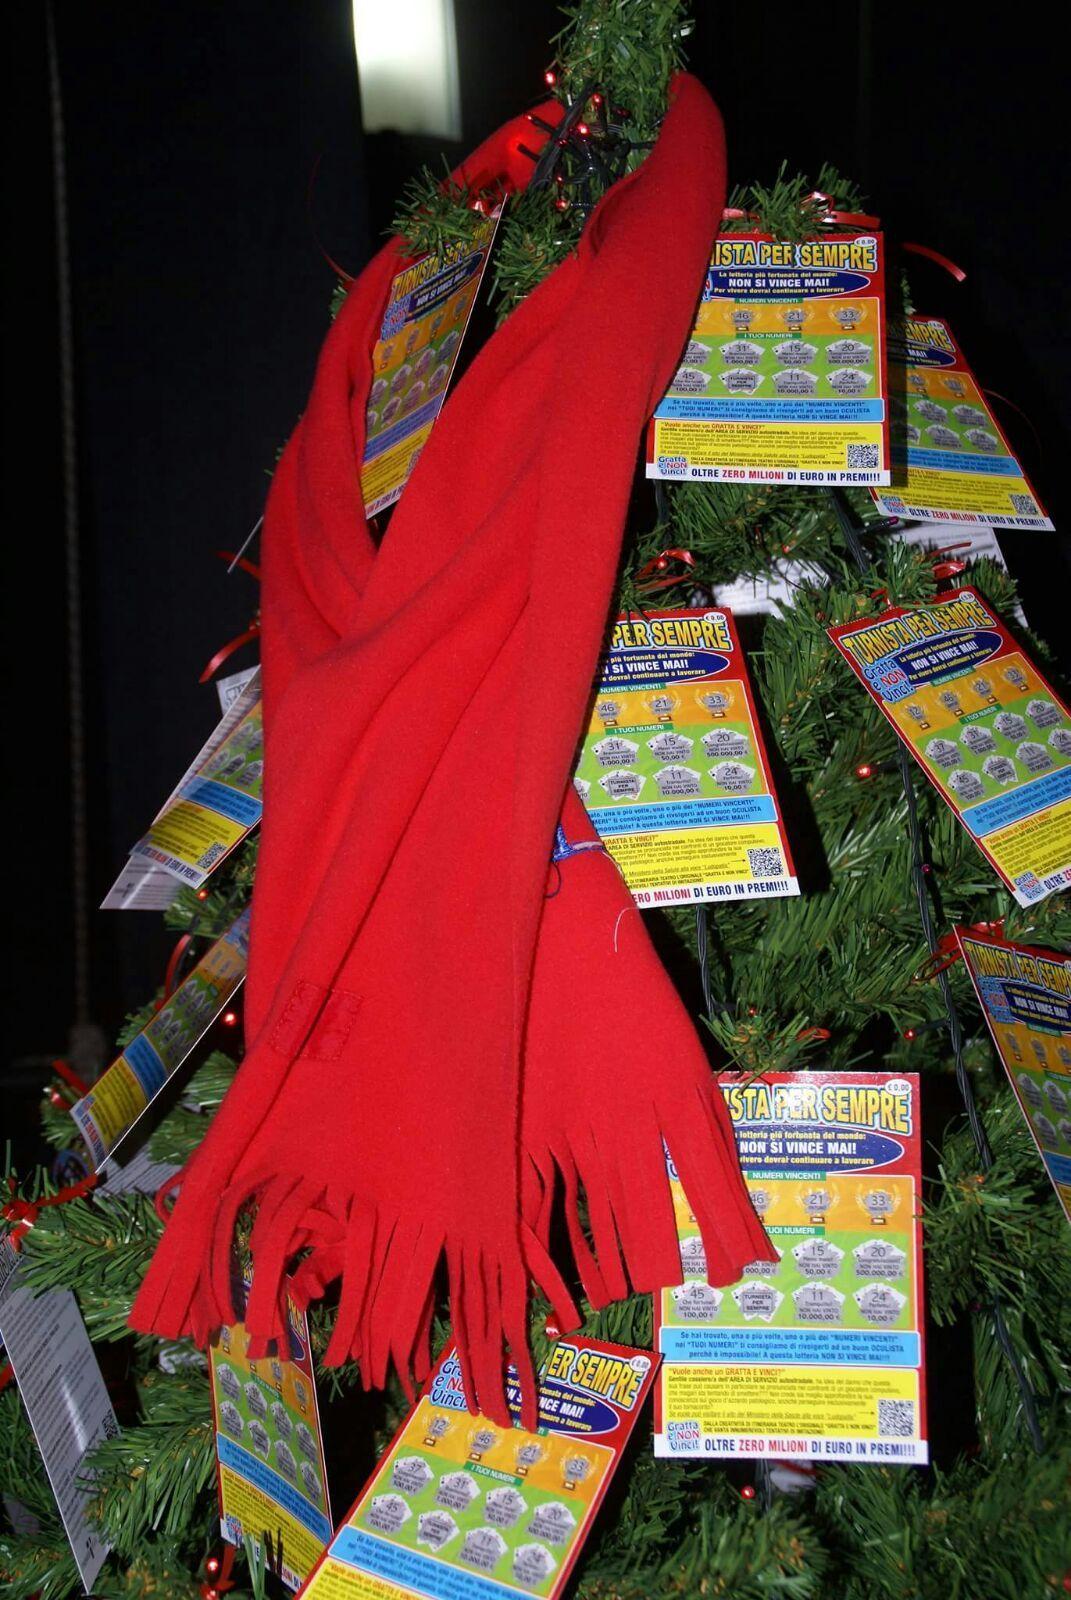 Natale, un albero contro la ludopatia